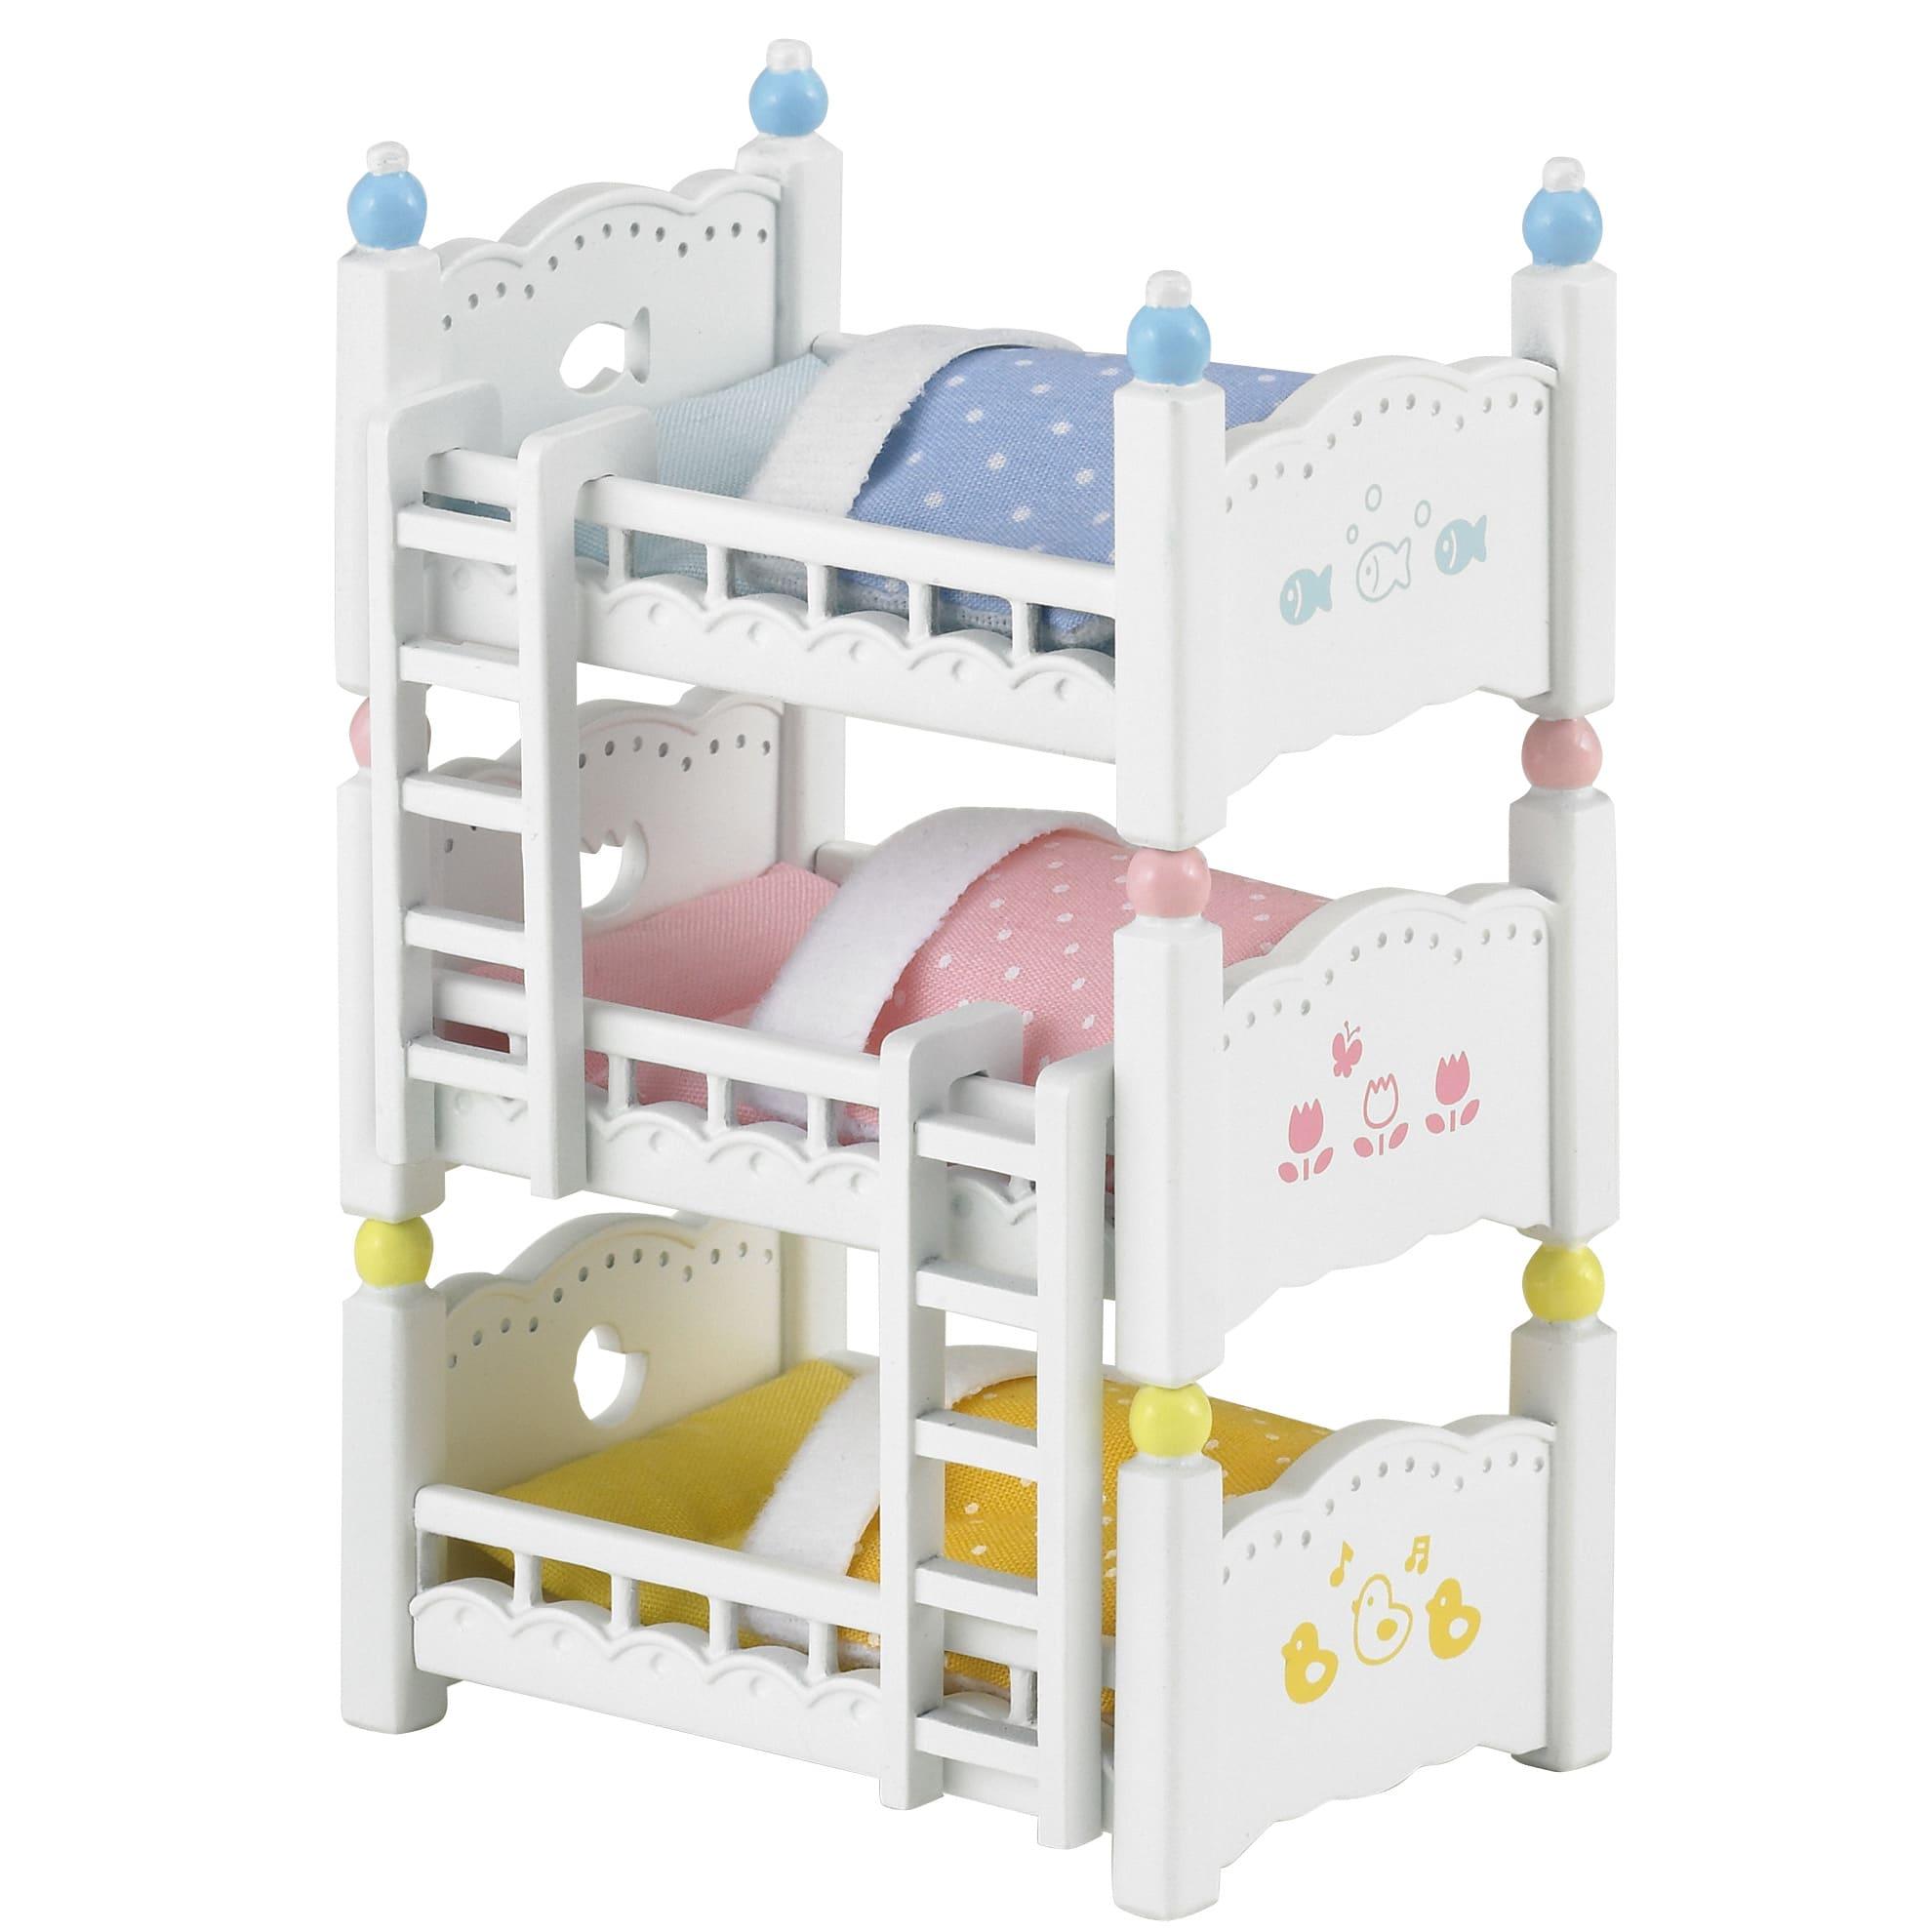 Sikke en hyggelig seng til børneværelset